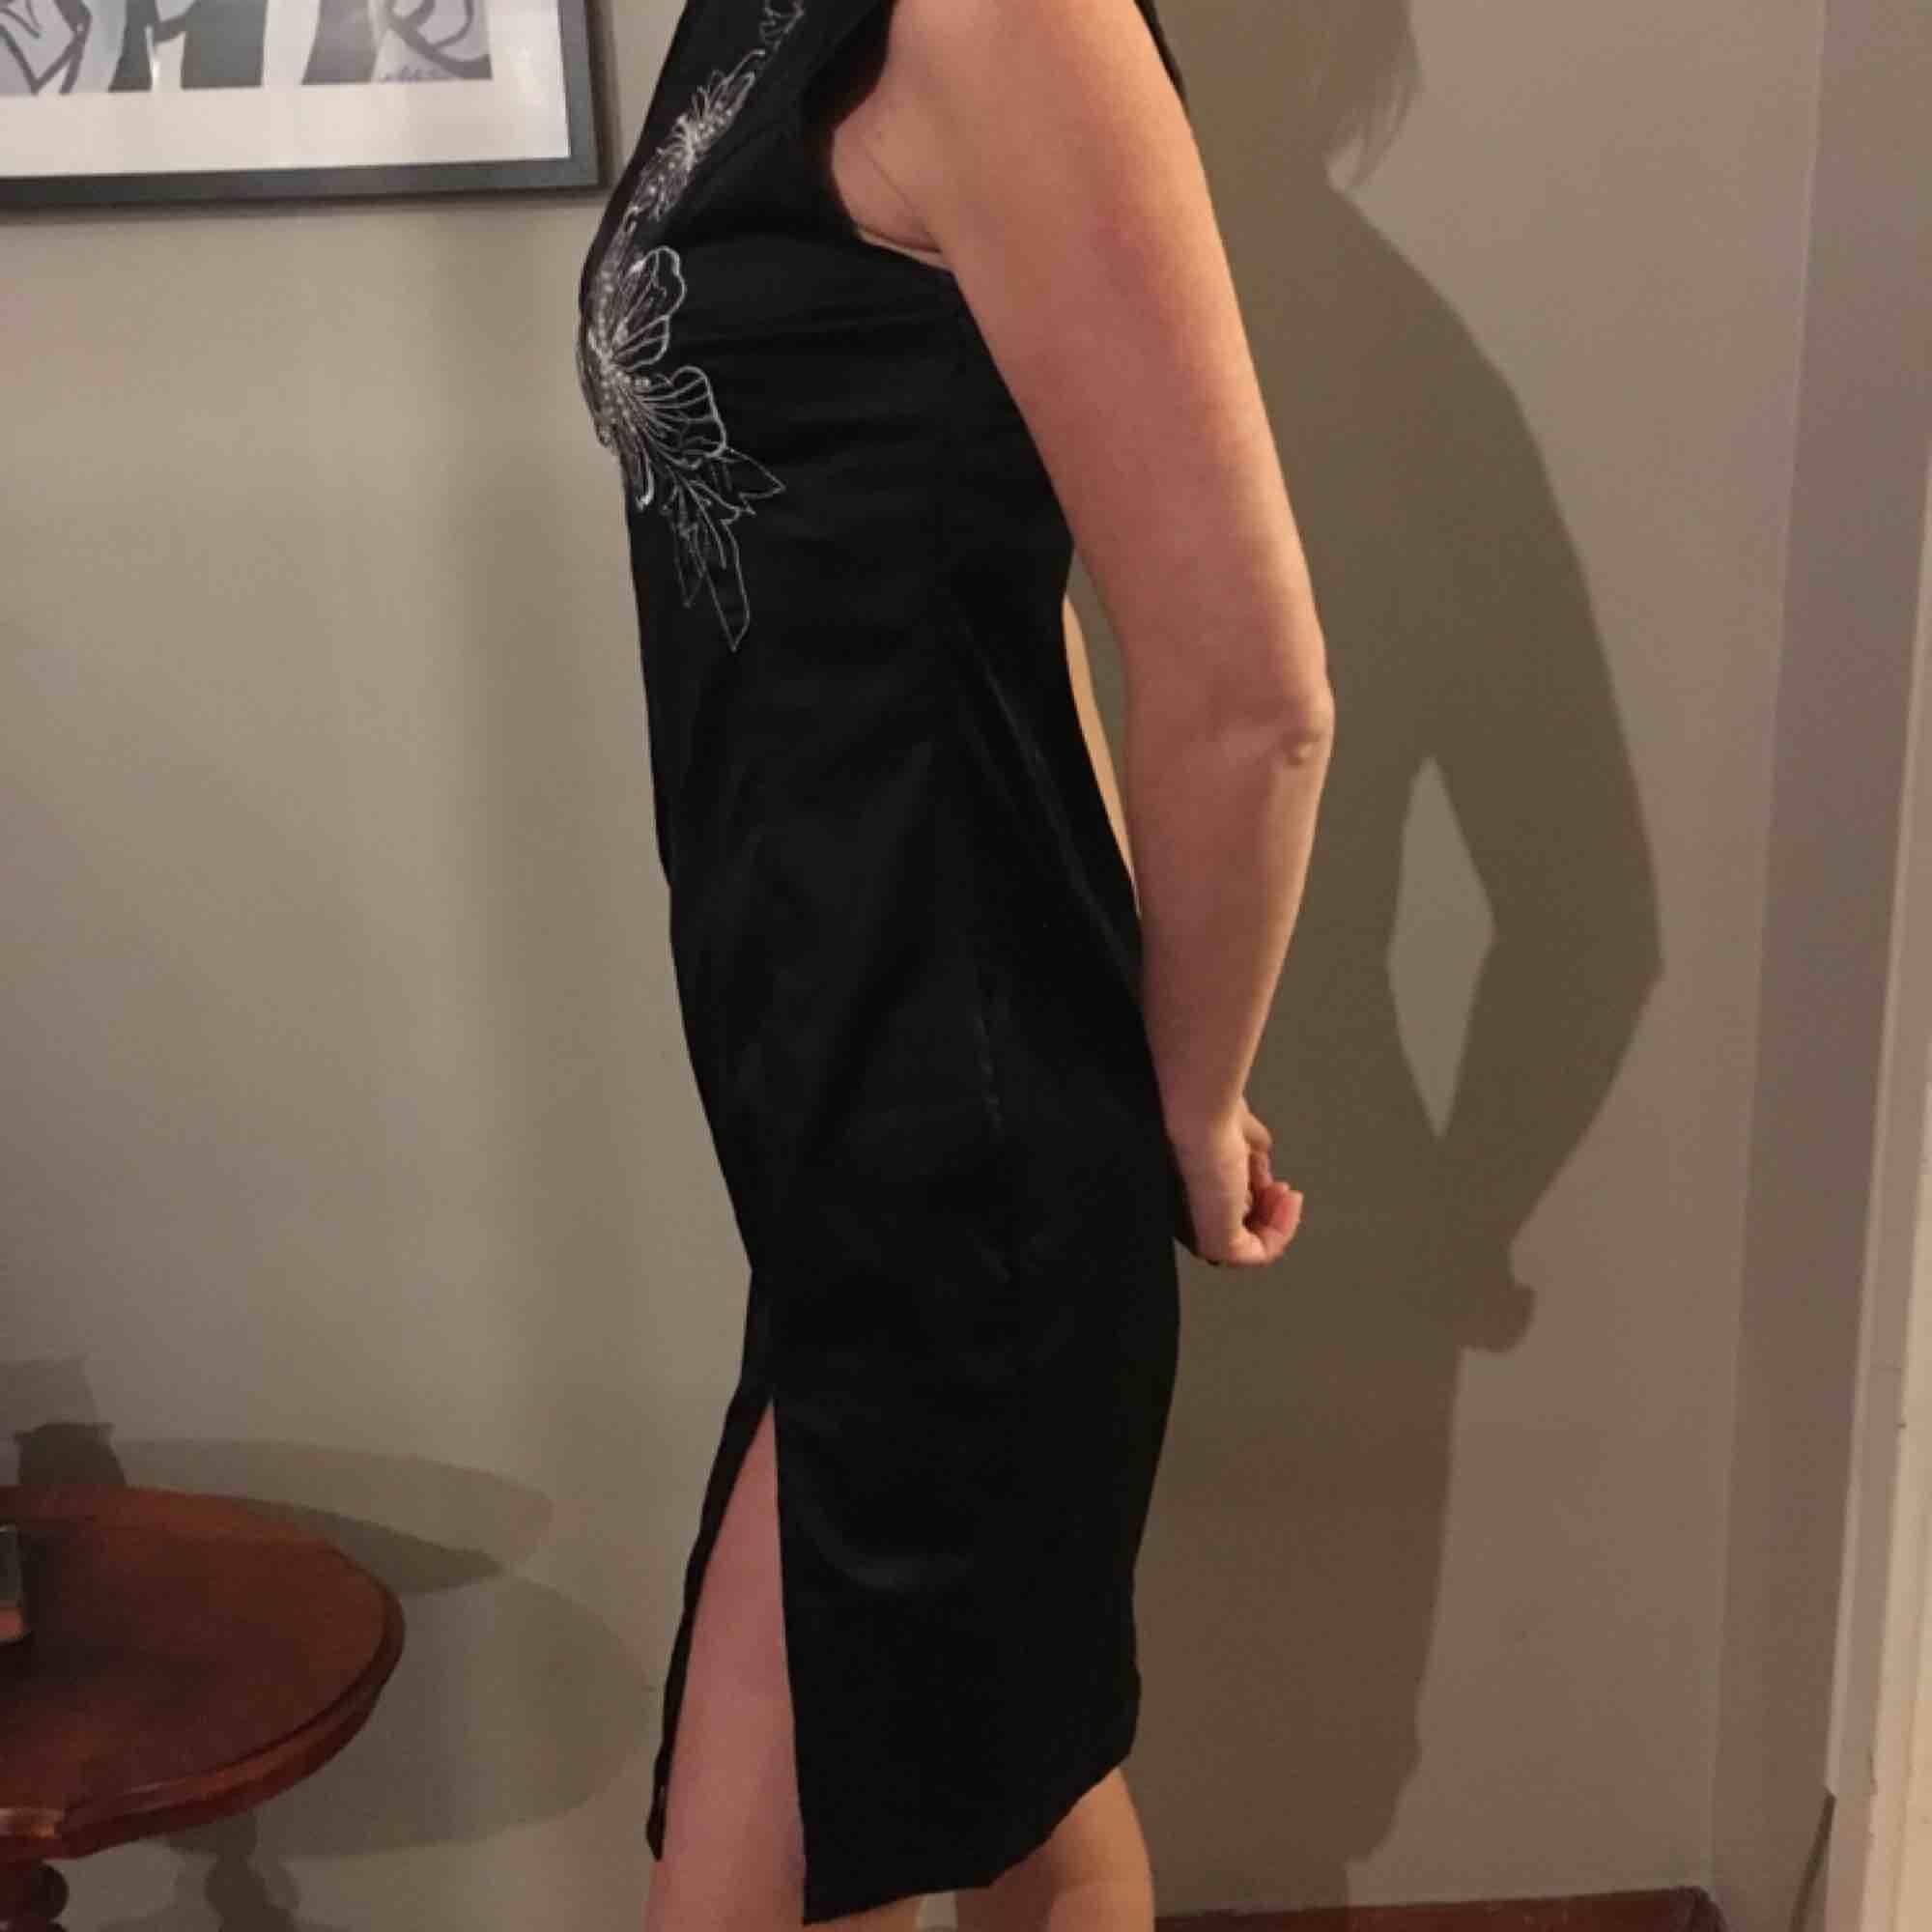 Svart tight klänning i svart sidenlook med superfina blomdetaljer av paljetter. Slits på ena benet och en lite högre krage med en läcker urringning. Klänningar.